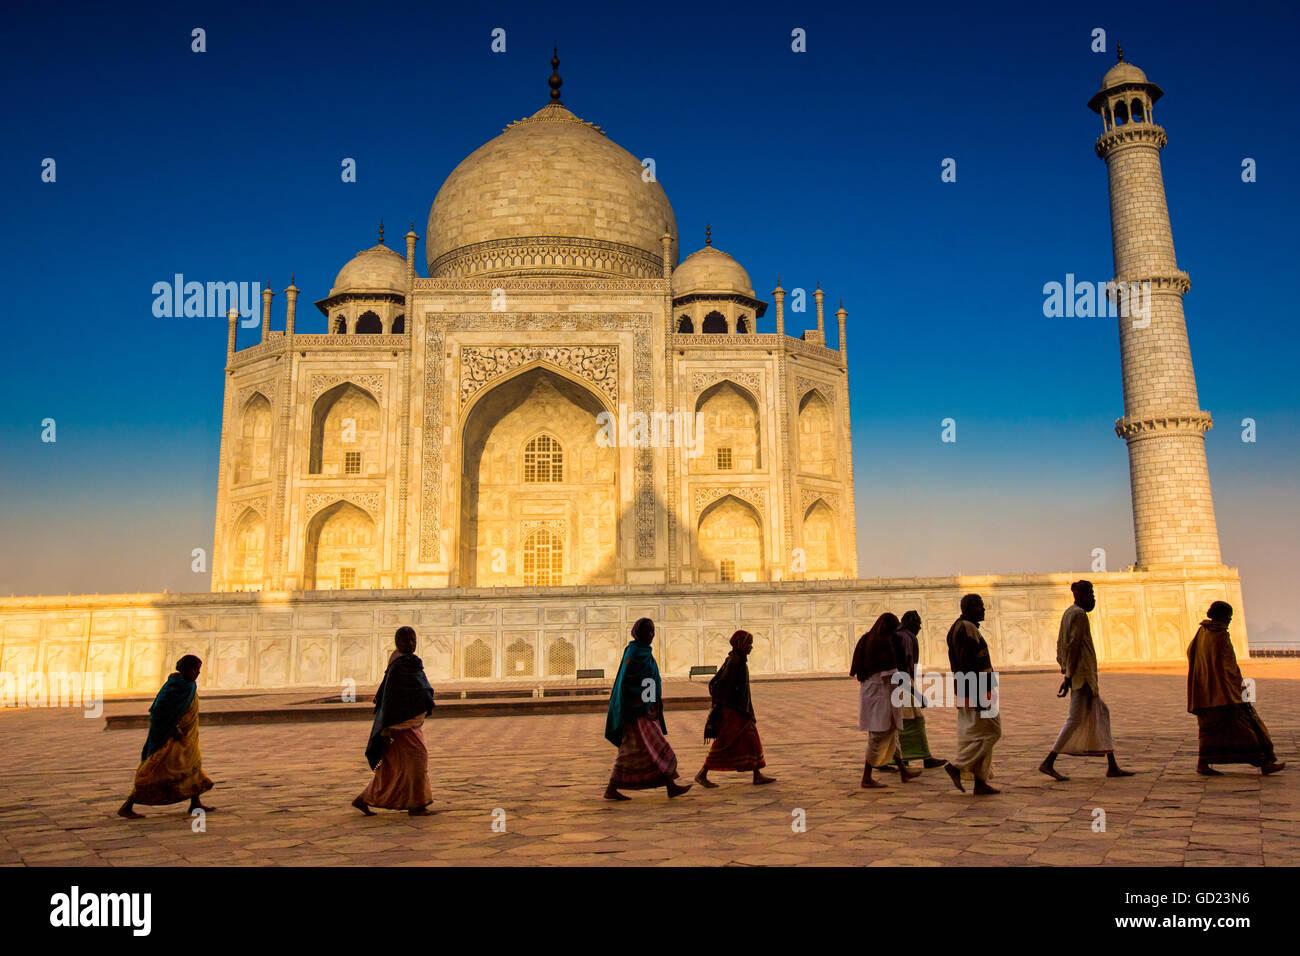 Menschen gehen zum Gebet vor dem Taj Mahal, UNESCO-Weltkulturerbe, Agra, Uttar Pradesh, Indien, Asien Stockbild